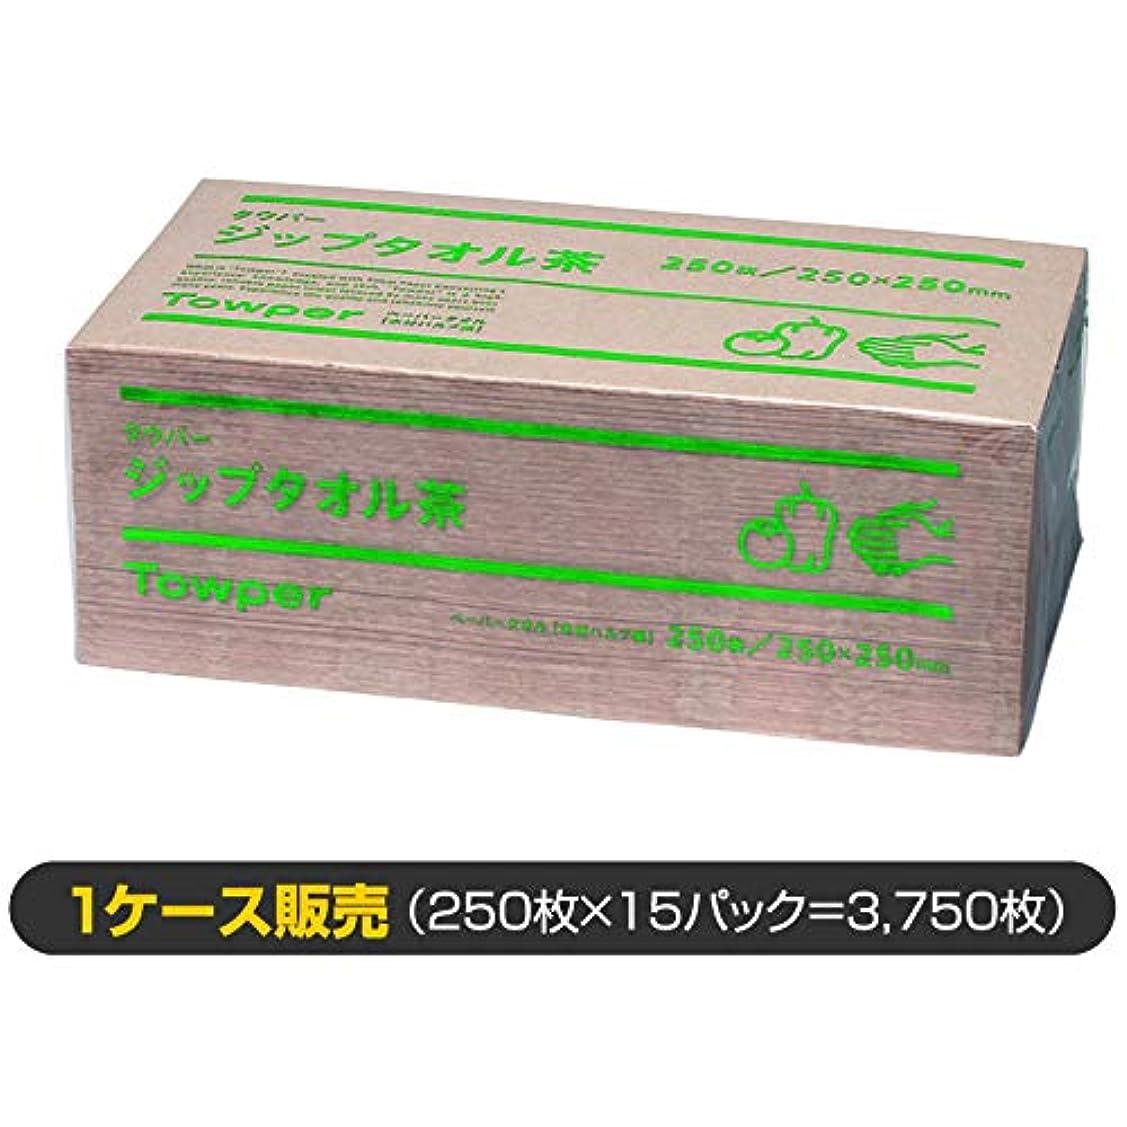 役立つ然とした想像力ペーパータオル ジップタオル(茶) /1ケース販売(清潔キレイ館/大判サイズ用)